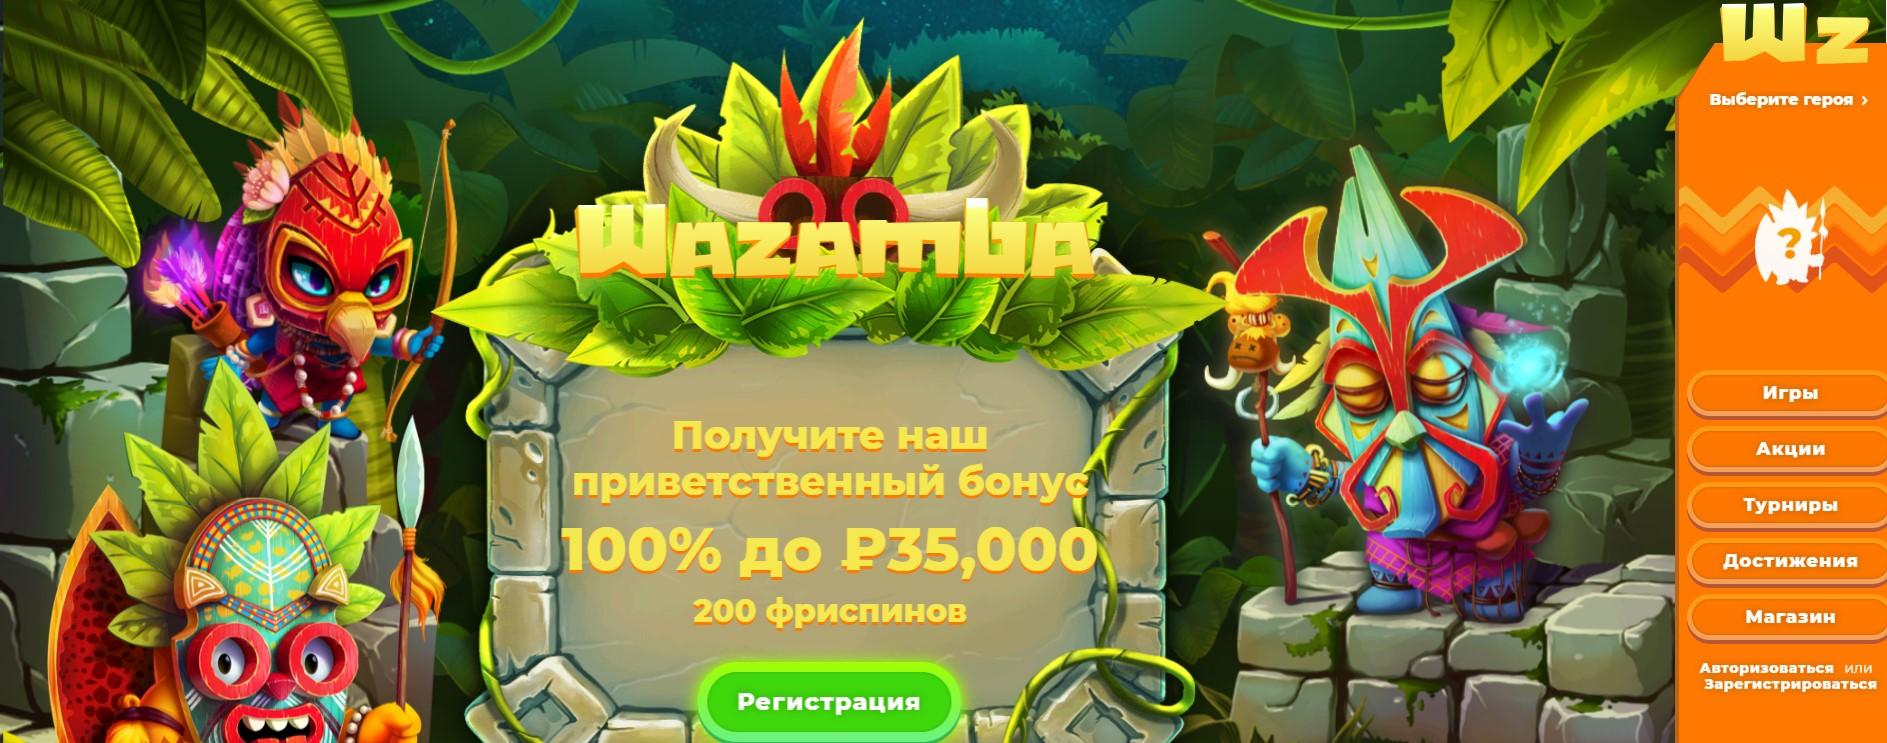 Wazamba Casino - Официальный сайт